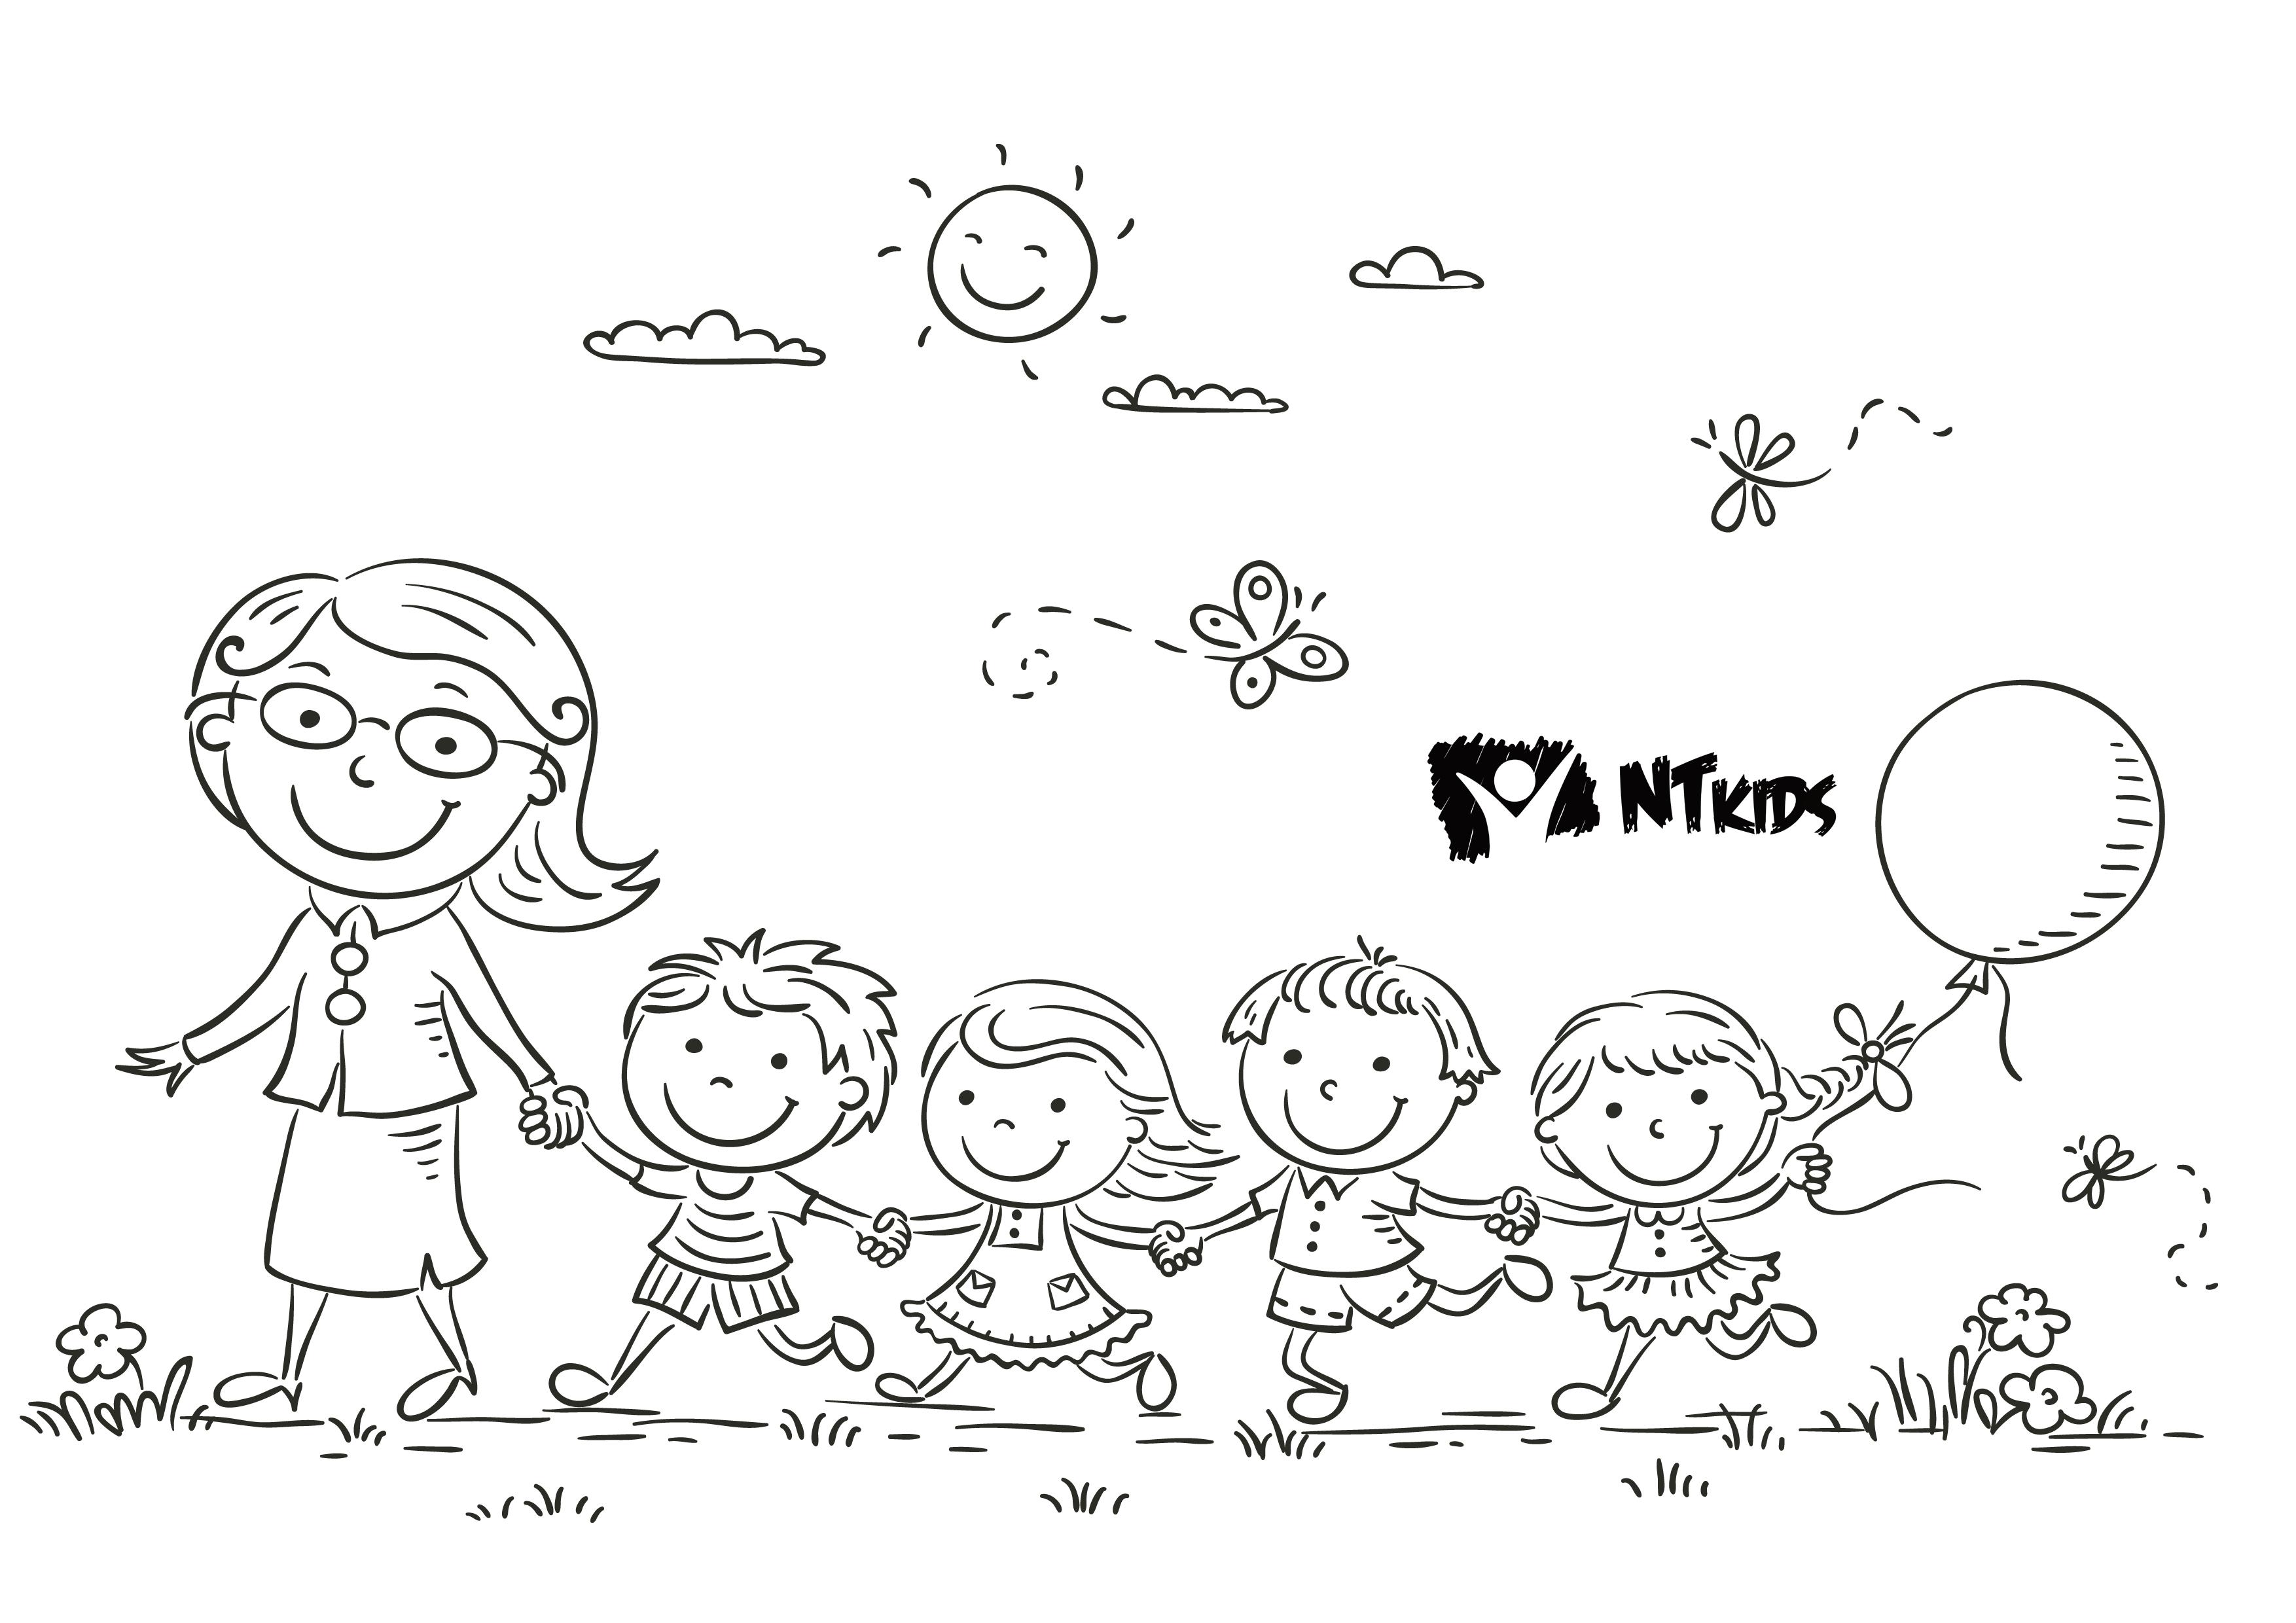 Resultado De Imagem Para Criancas Desenho Png Desenho De Crianca